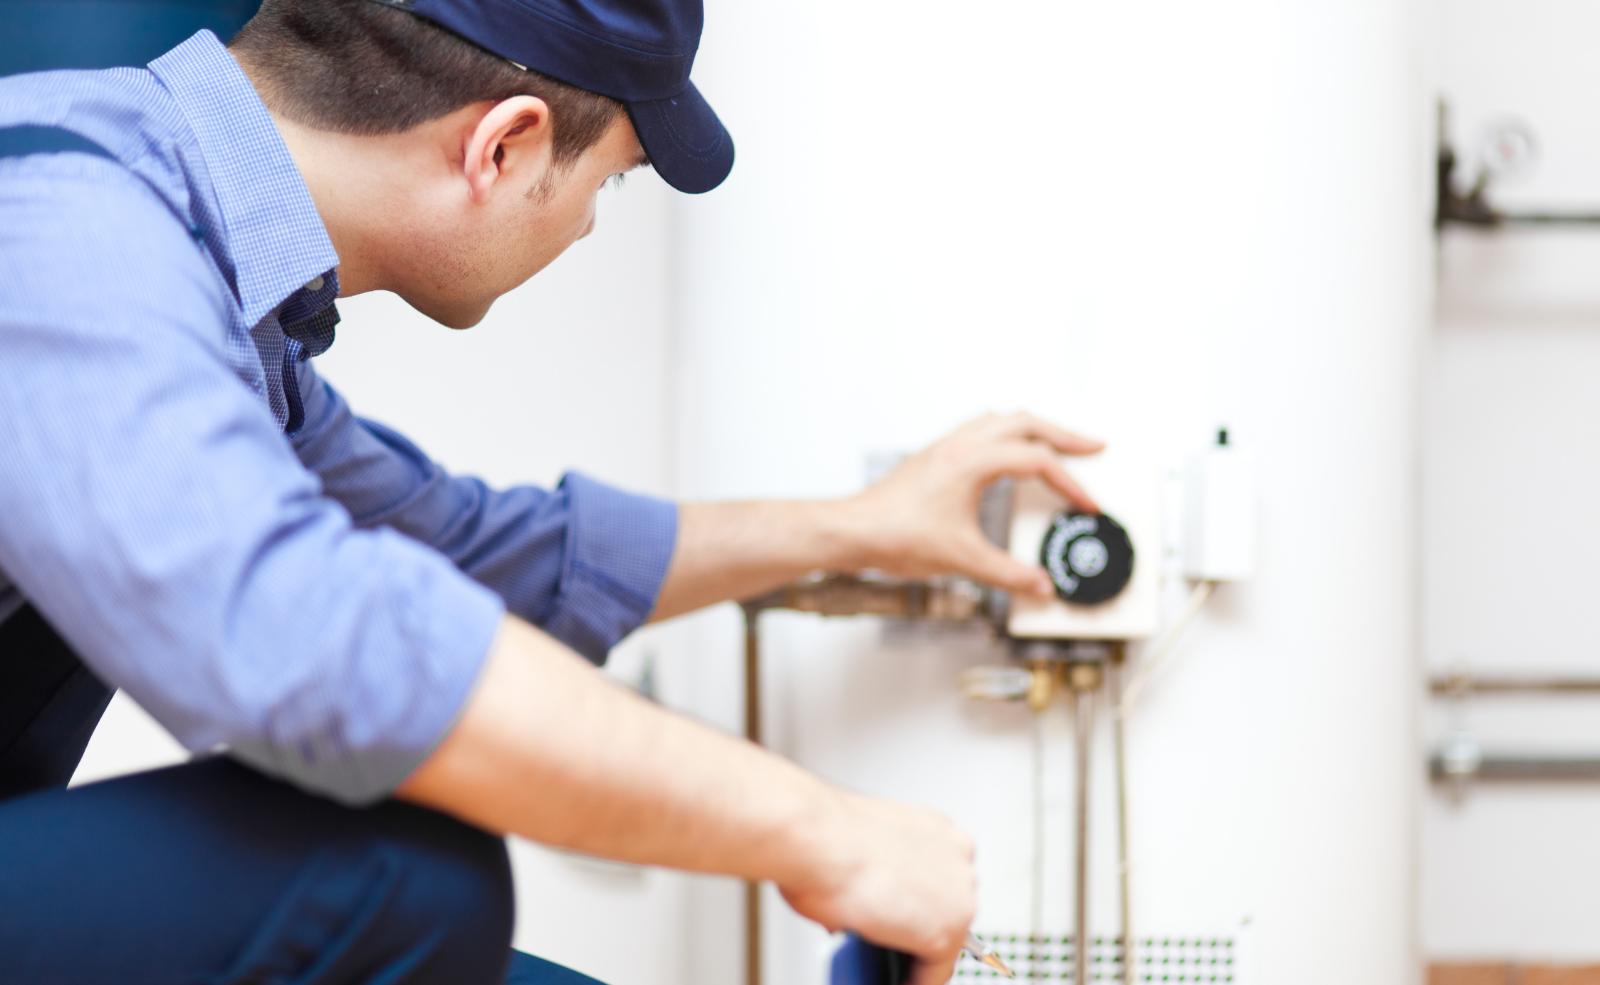 Bei der Entscheidung, ob Durchlauferhitzer oder Boiler, kann eine professionelle Beratung nicht schaden.